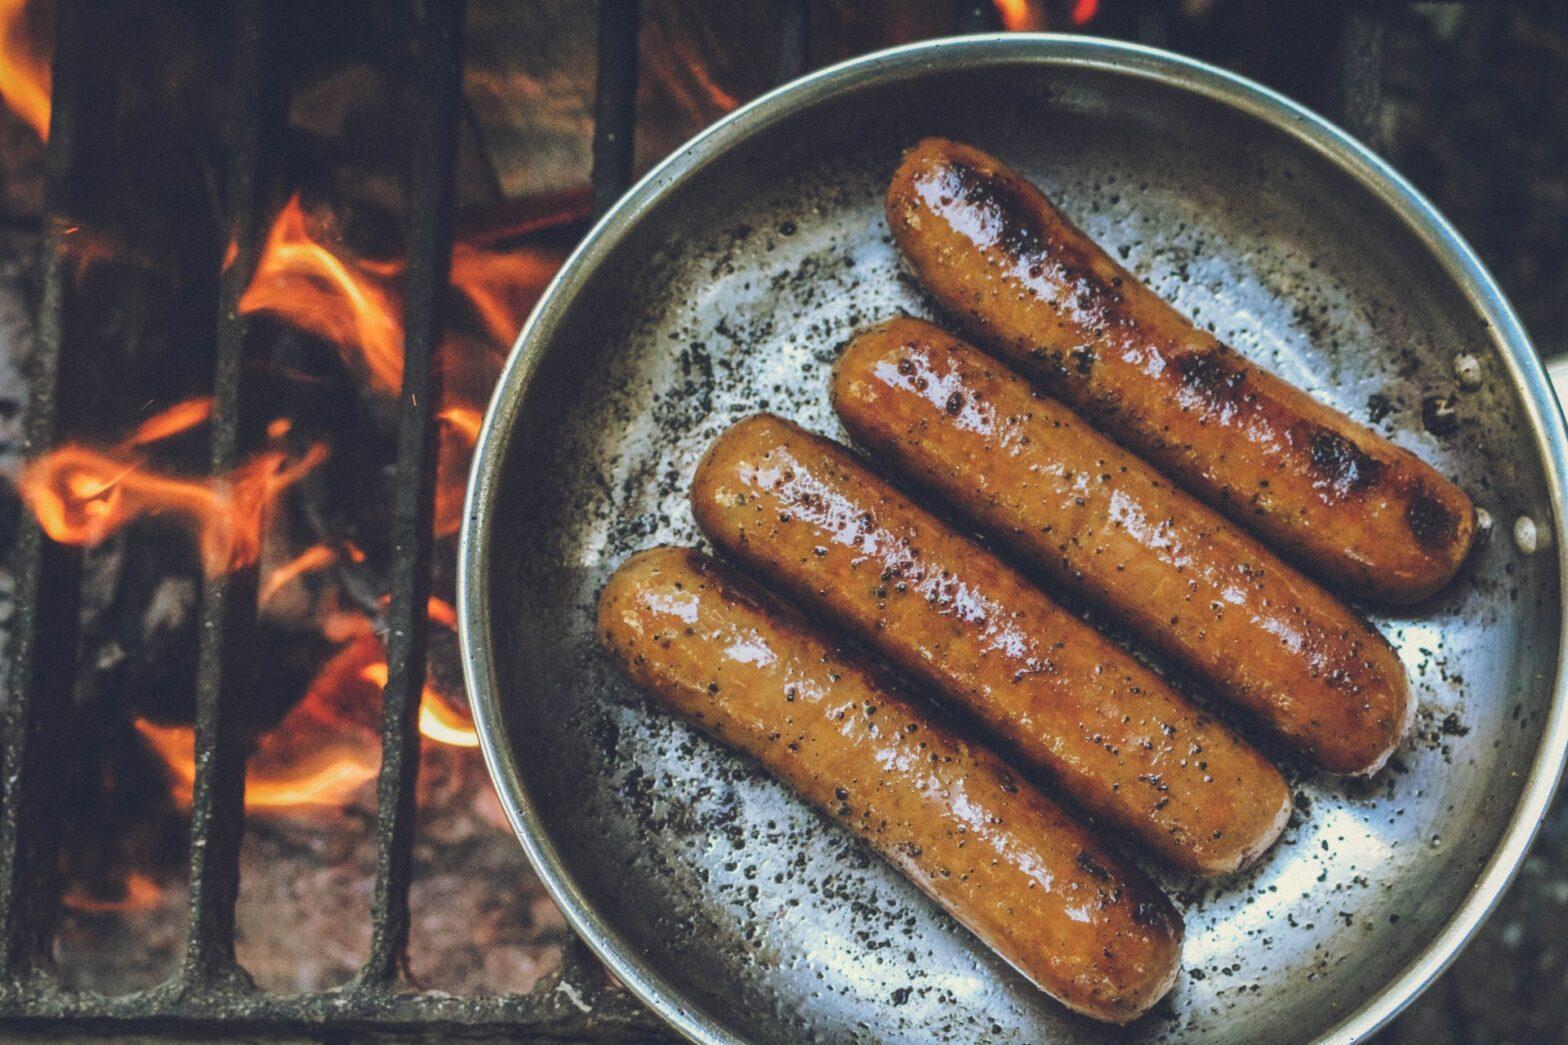 Florida Man April 5 – Grand Theft Sausage